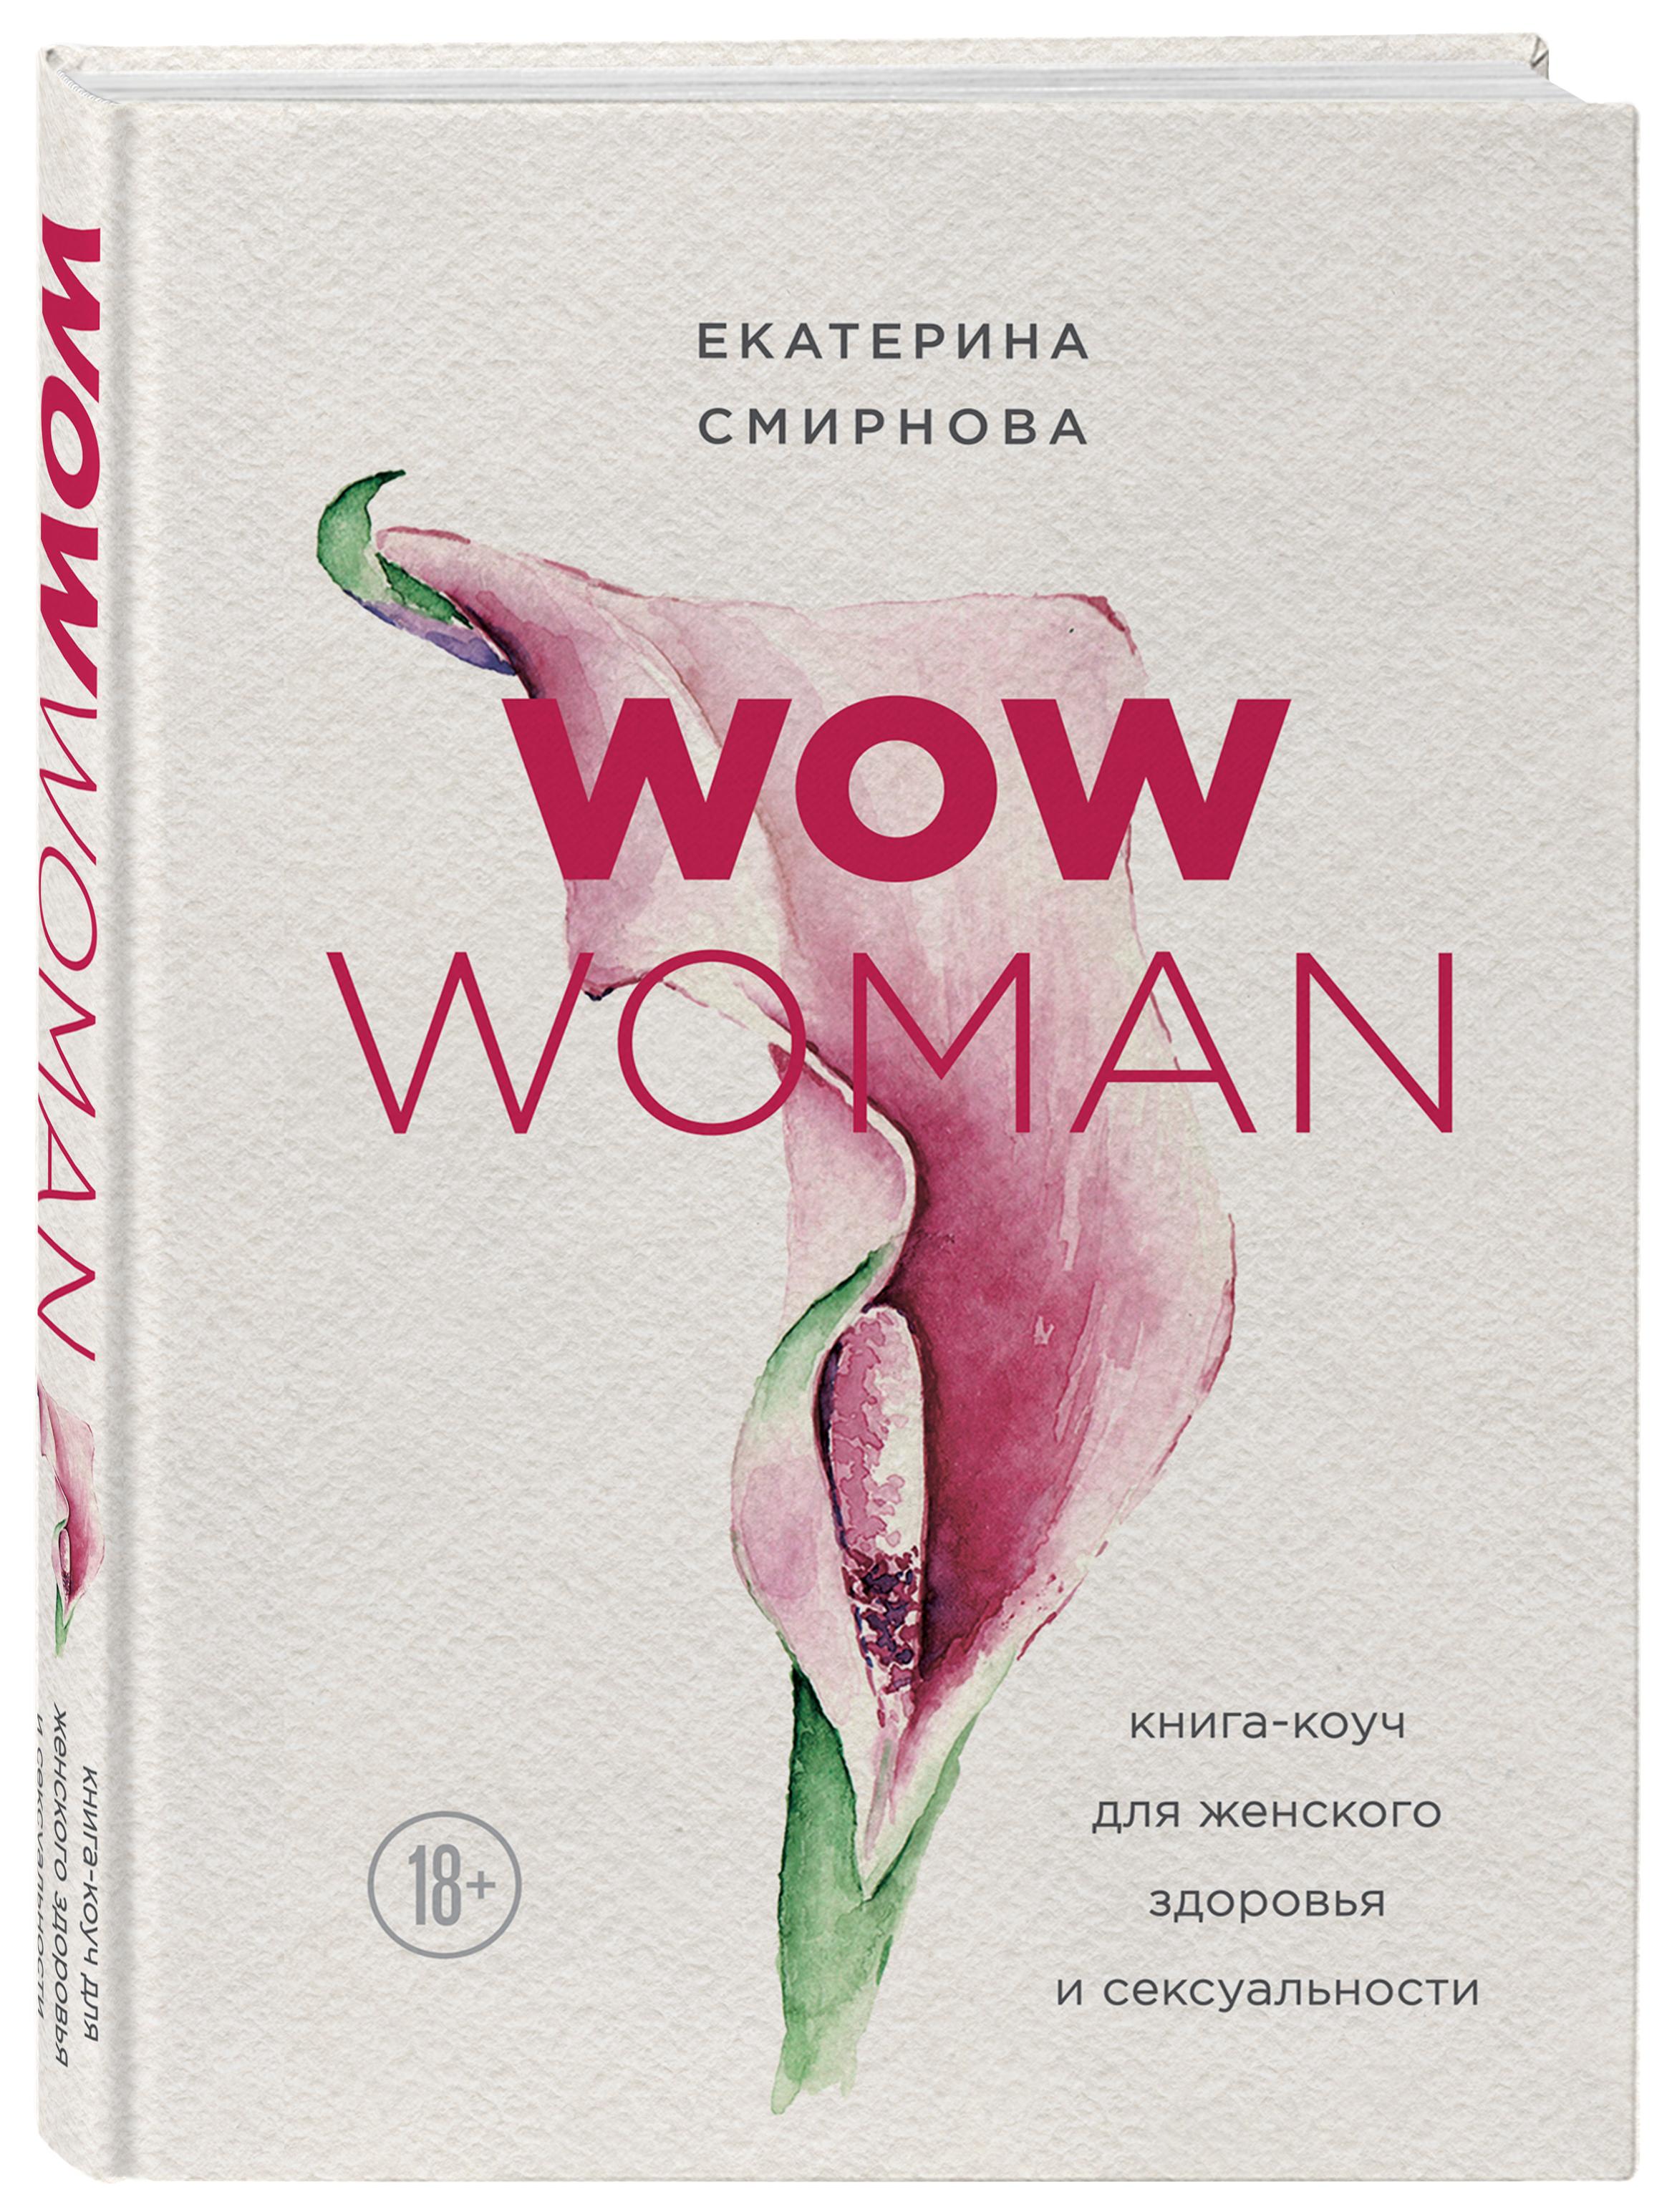 WOW Woman. Книга-коуч для женского здоровья и сексуальности ( Смирнова Екатерина Александровна  )